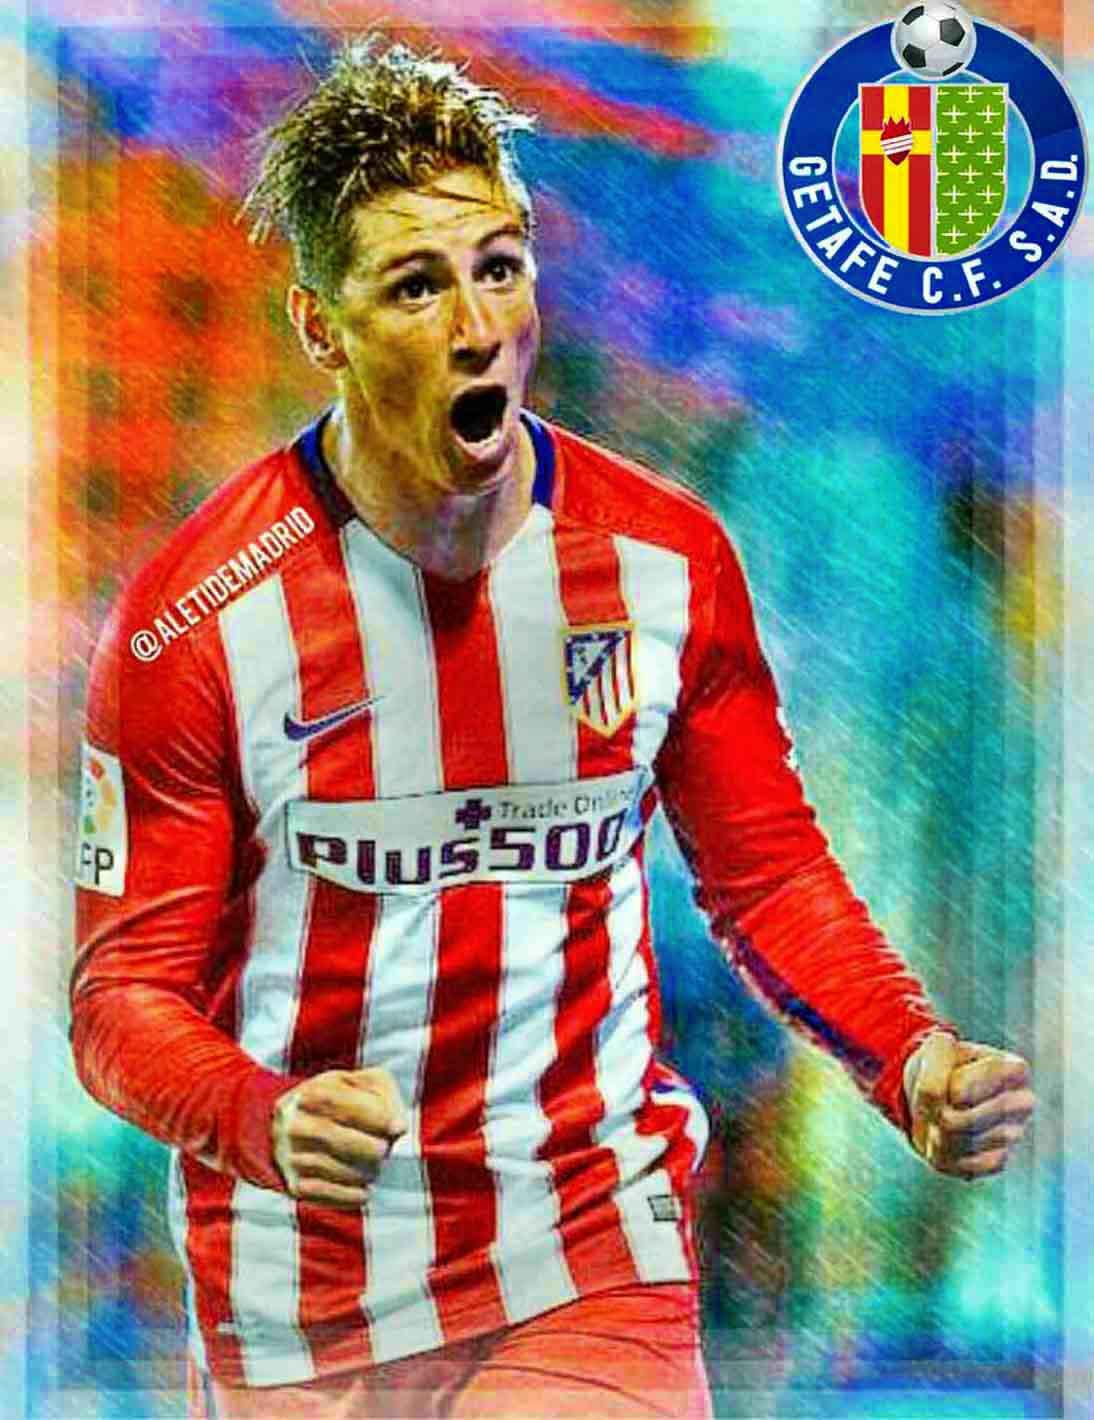 http://s6.picofile.com/file/8213204884/Fernando_Torres_vs_Getafe_By_F9Tfans_ir.jpg